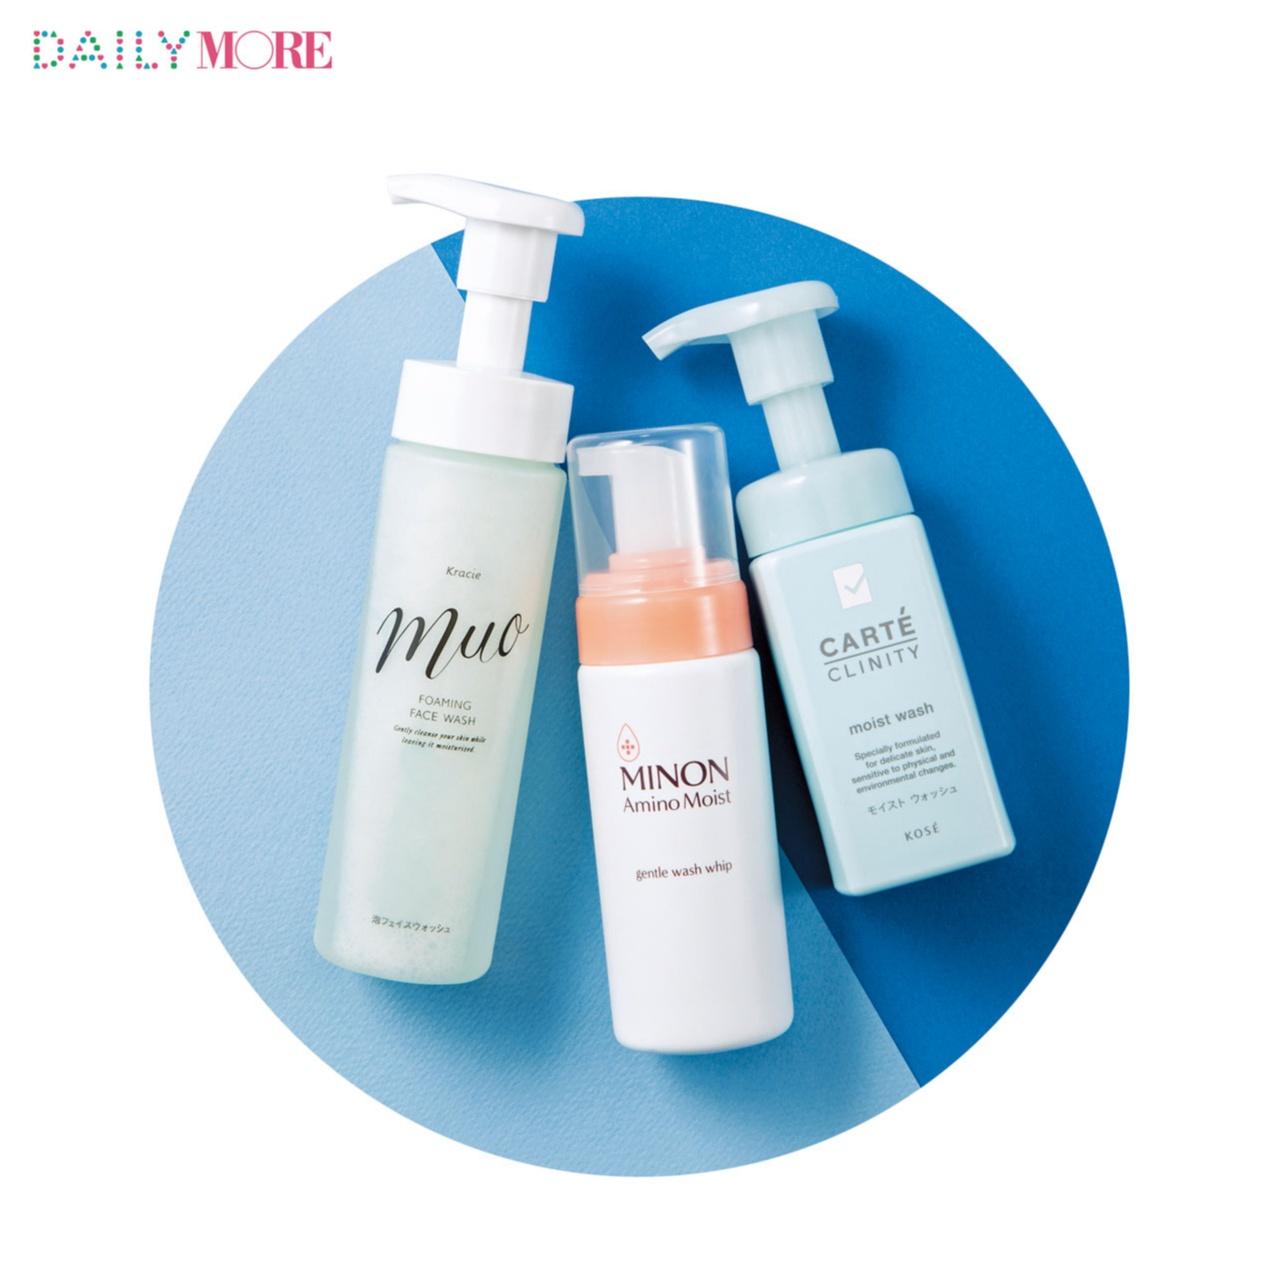 ニキビケア特集 - ニキビの原因は? 洗顔などおすすめのケア方法は?_24